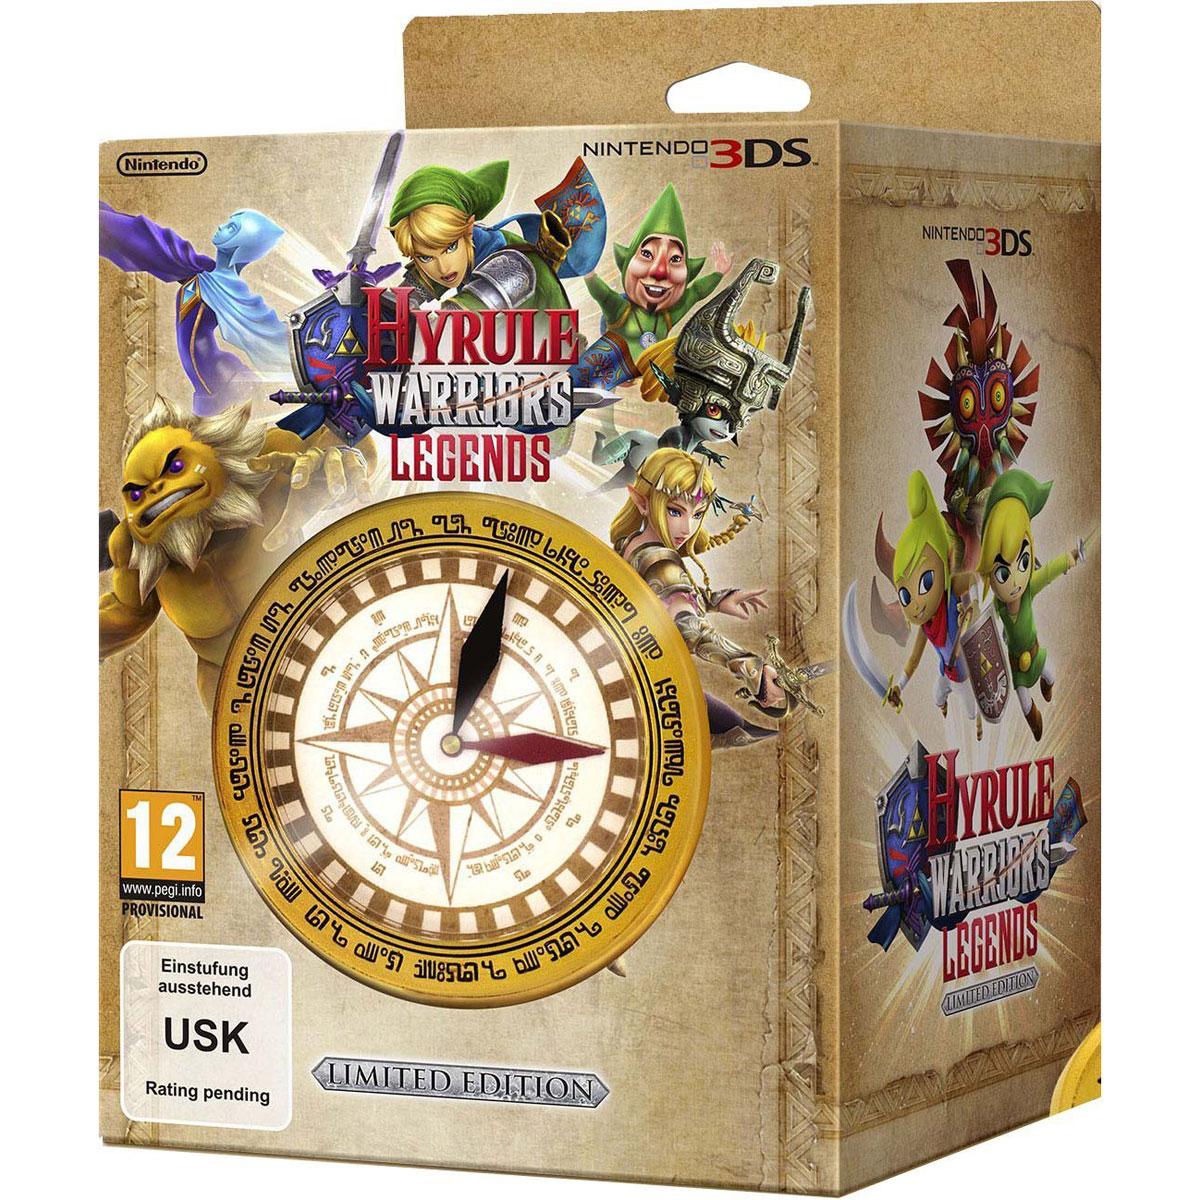 Jeux Nintendo 3DS Hyrule Warriors : Legends + 1 Montre Boussole (Nintendo 3DS/2DS) Hyrule Warriors : Legends + 1 Montre Boussole (Nintendo 3DS/2DS)